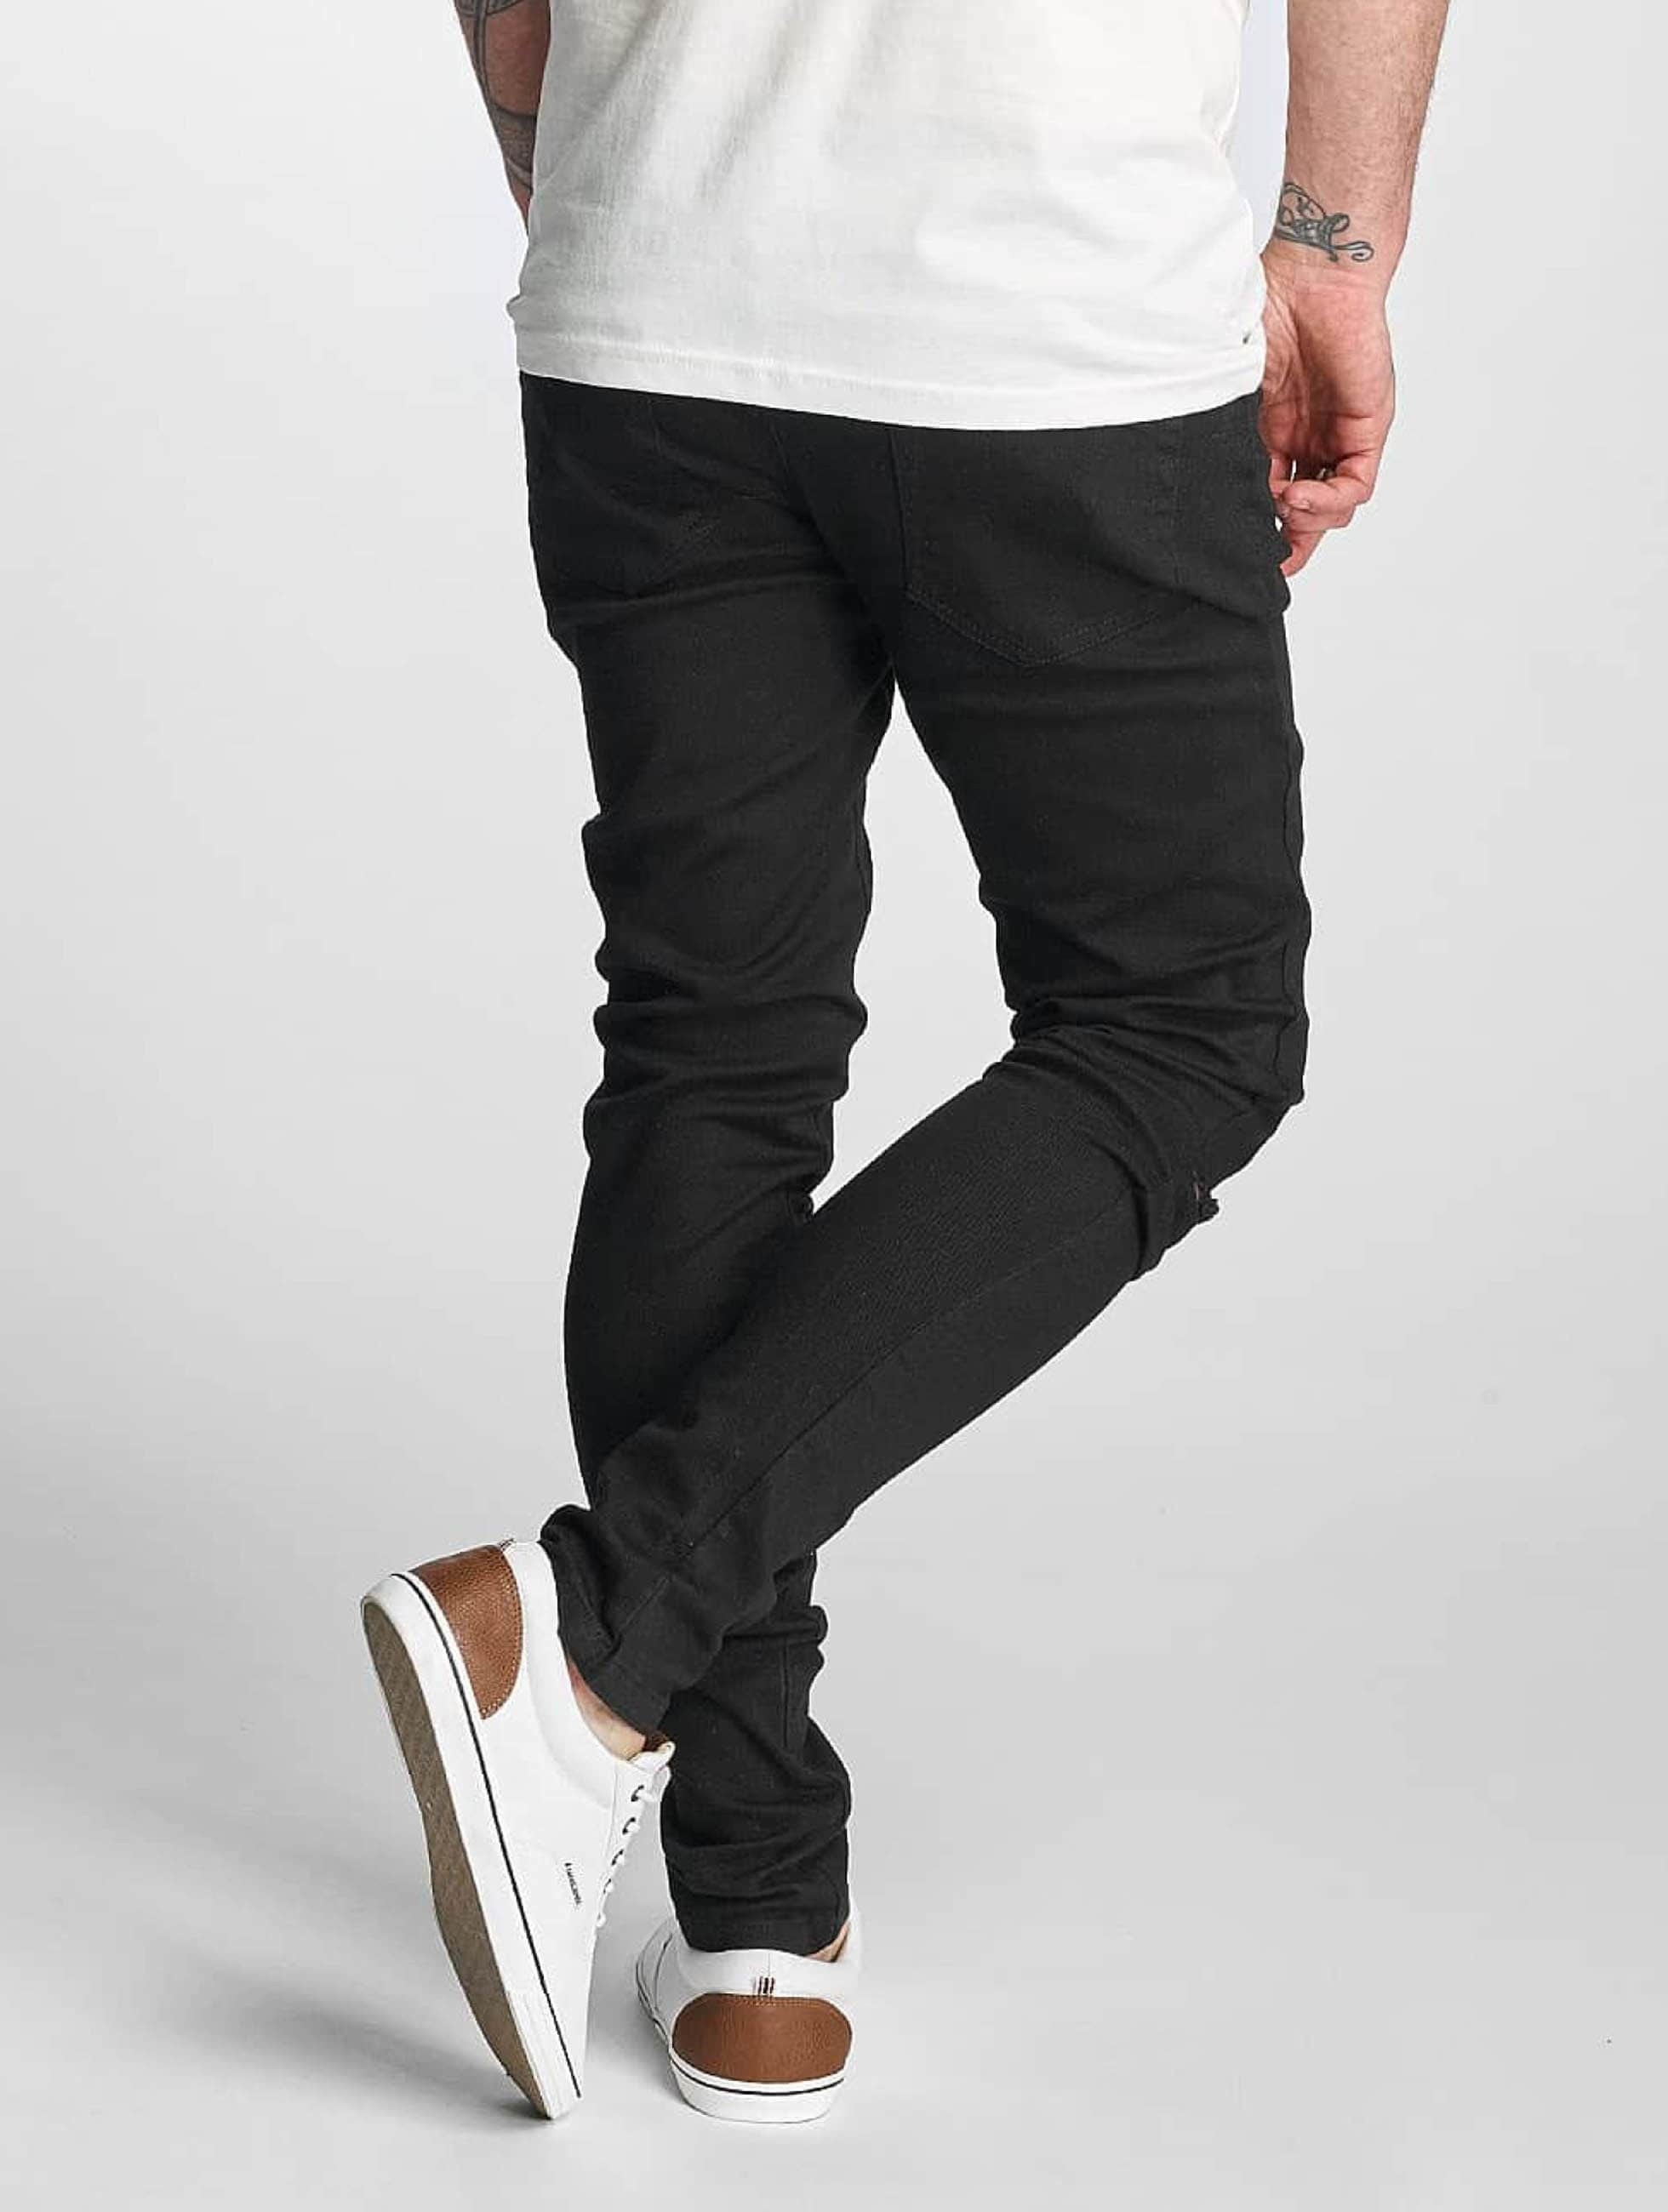 Criminal Damage Skinny Jeans Ripper sort